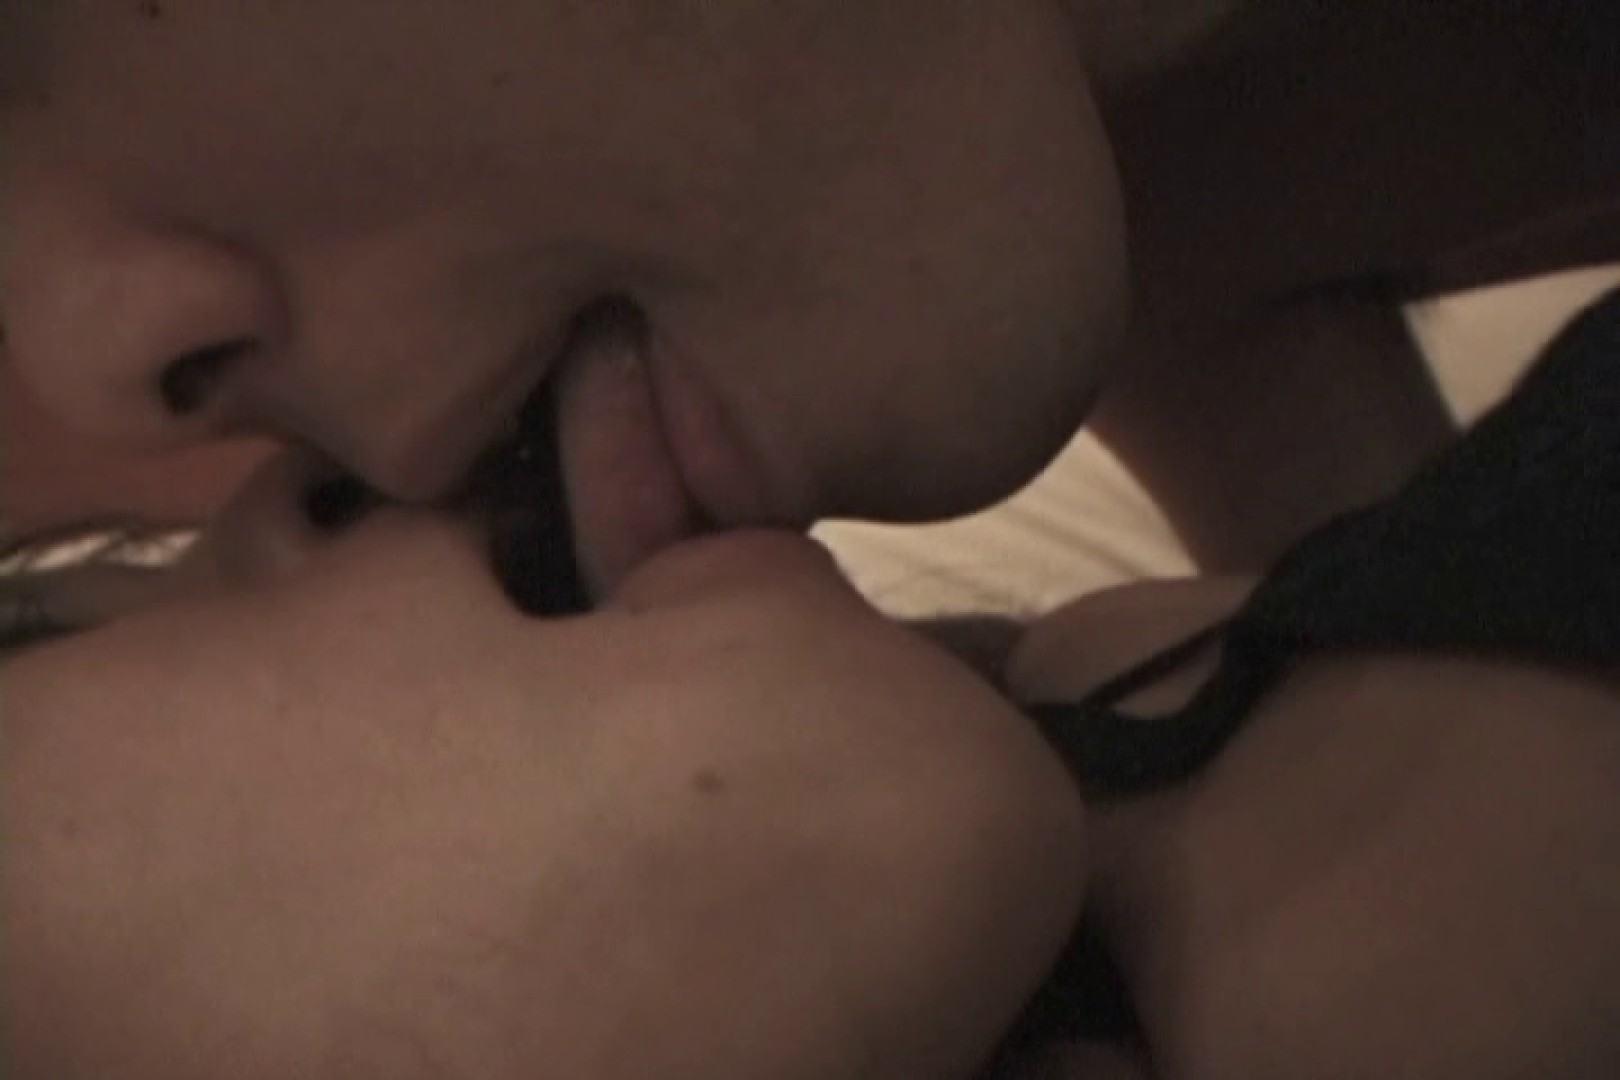 敏感な私の体を好きにして~川田さやか~ エッチな熟女 性交動画流出 84pic 35